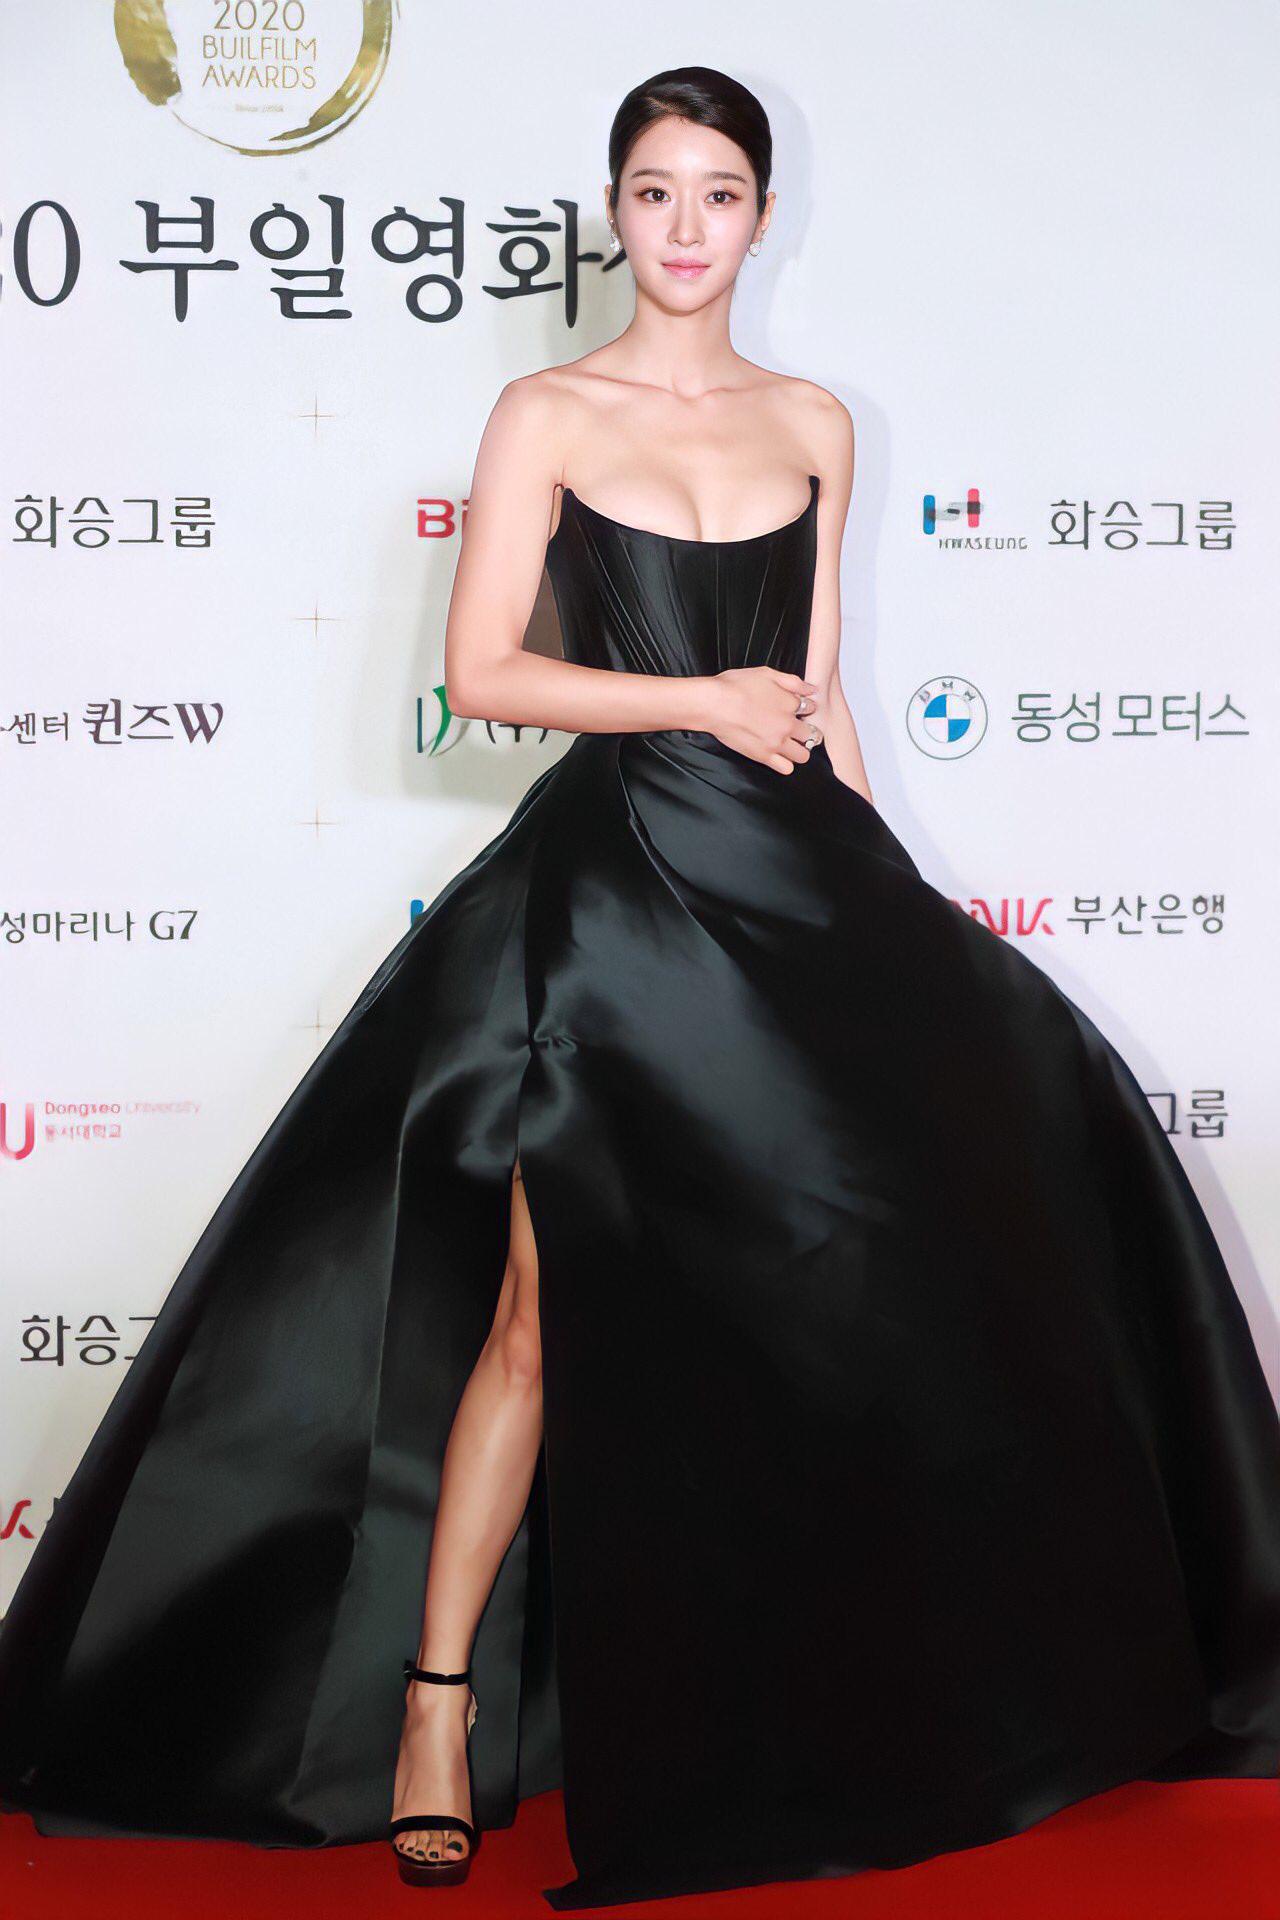 Nghẹt thở vì vòng 1 căng tràn của Seo Ye Ji: Diện đồ hở sexy bức thở, mặc đồ kín vẫn nóng bỏng bức người - Ảnh 1.